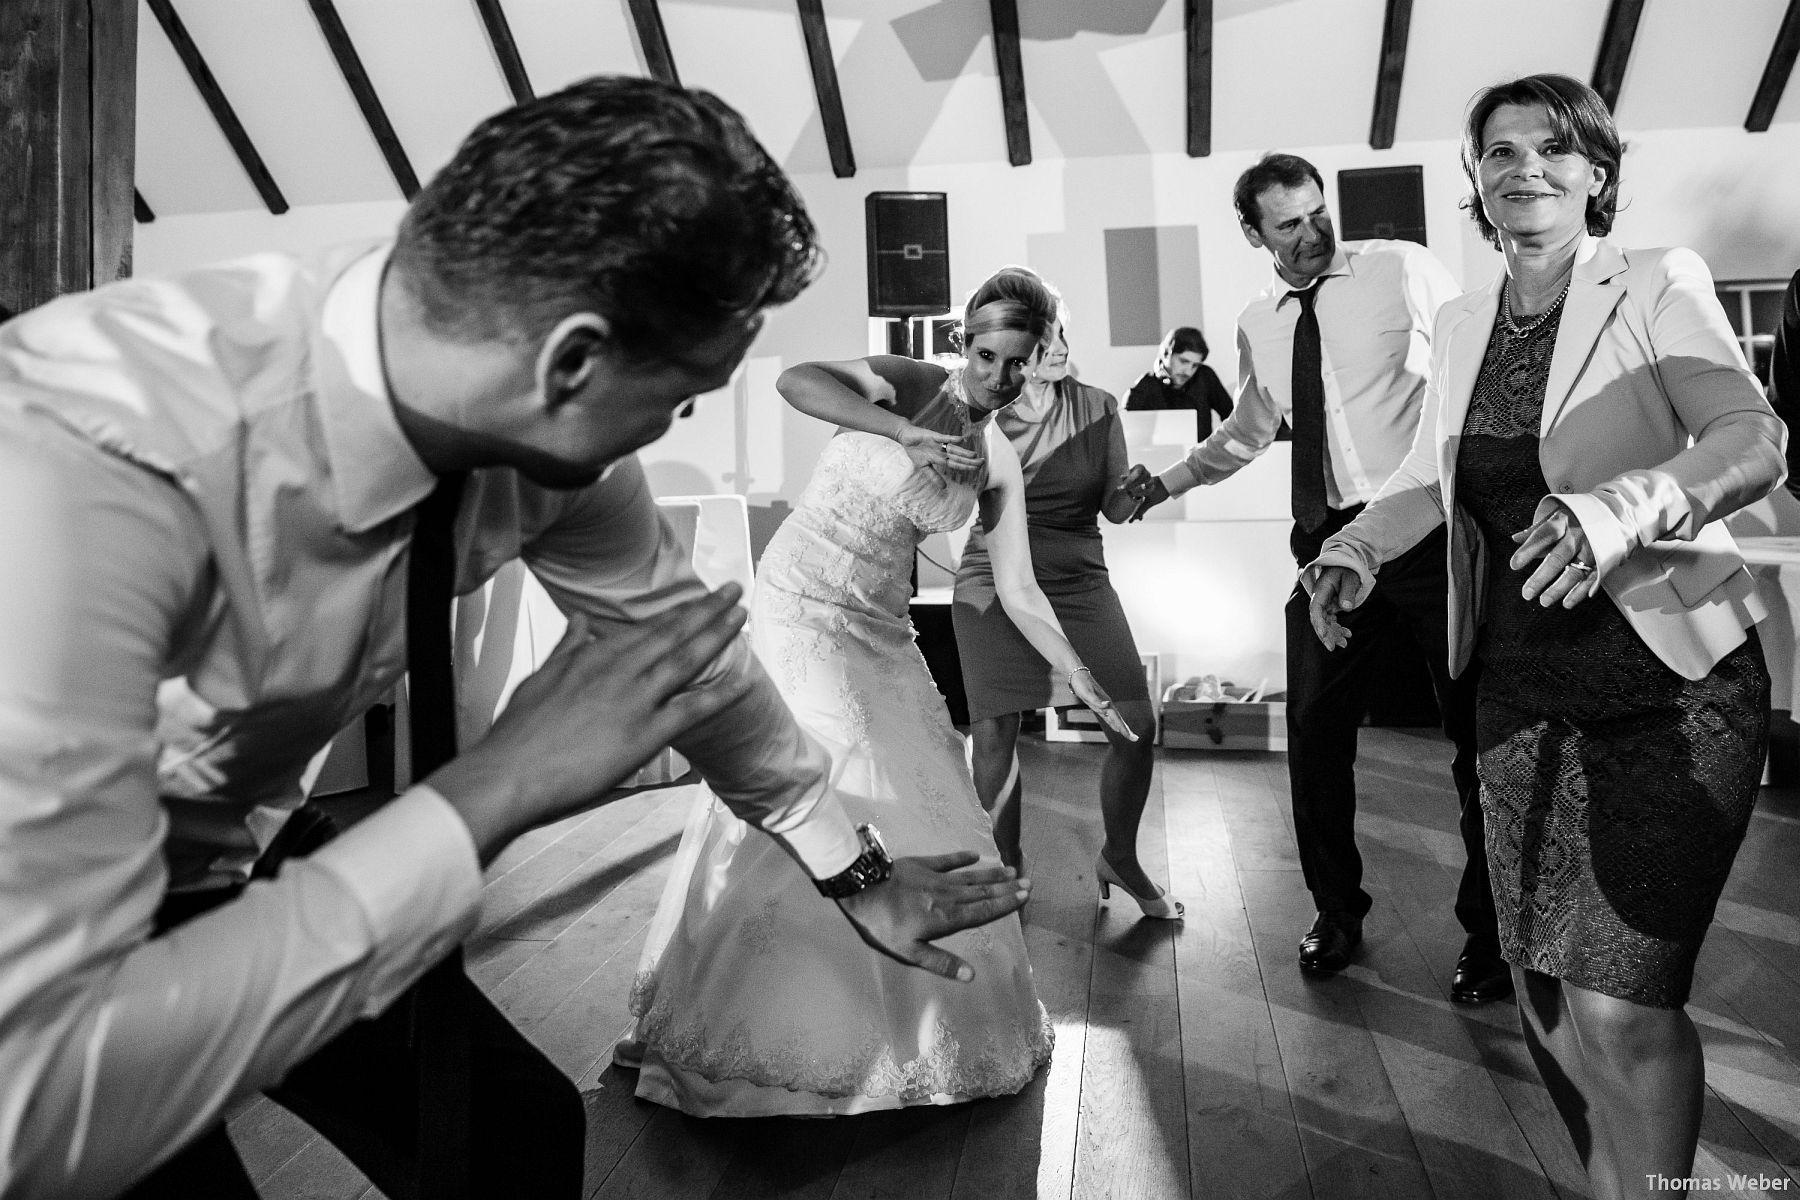 Hochzeitsfotograf Thomas Weber aus Oldenburg (47)